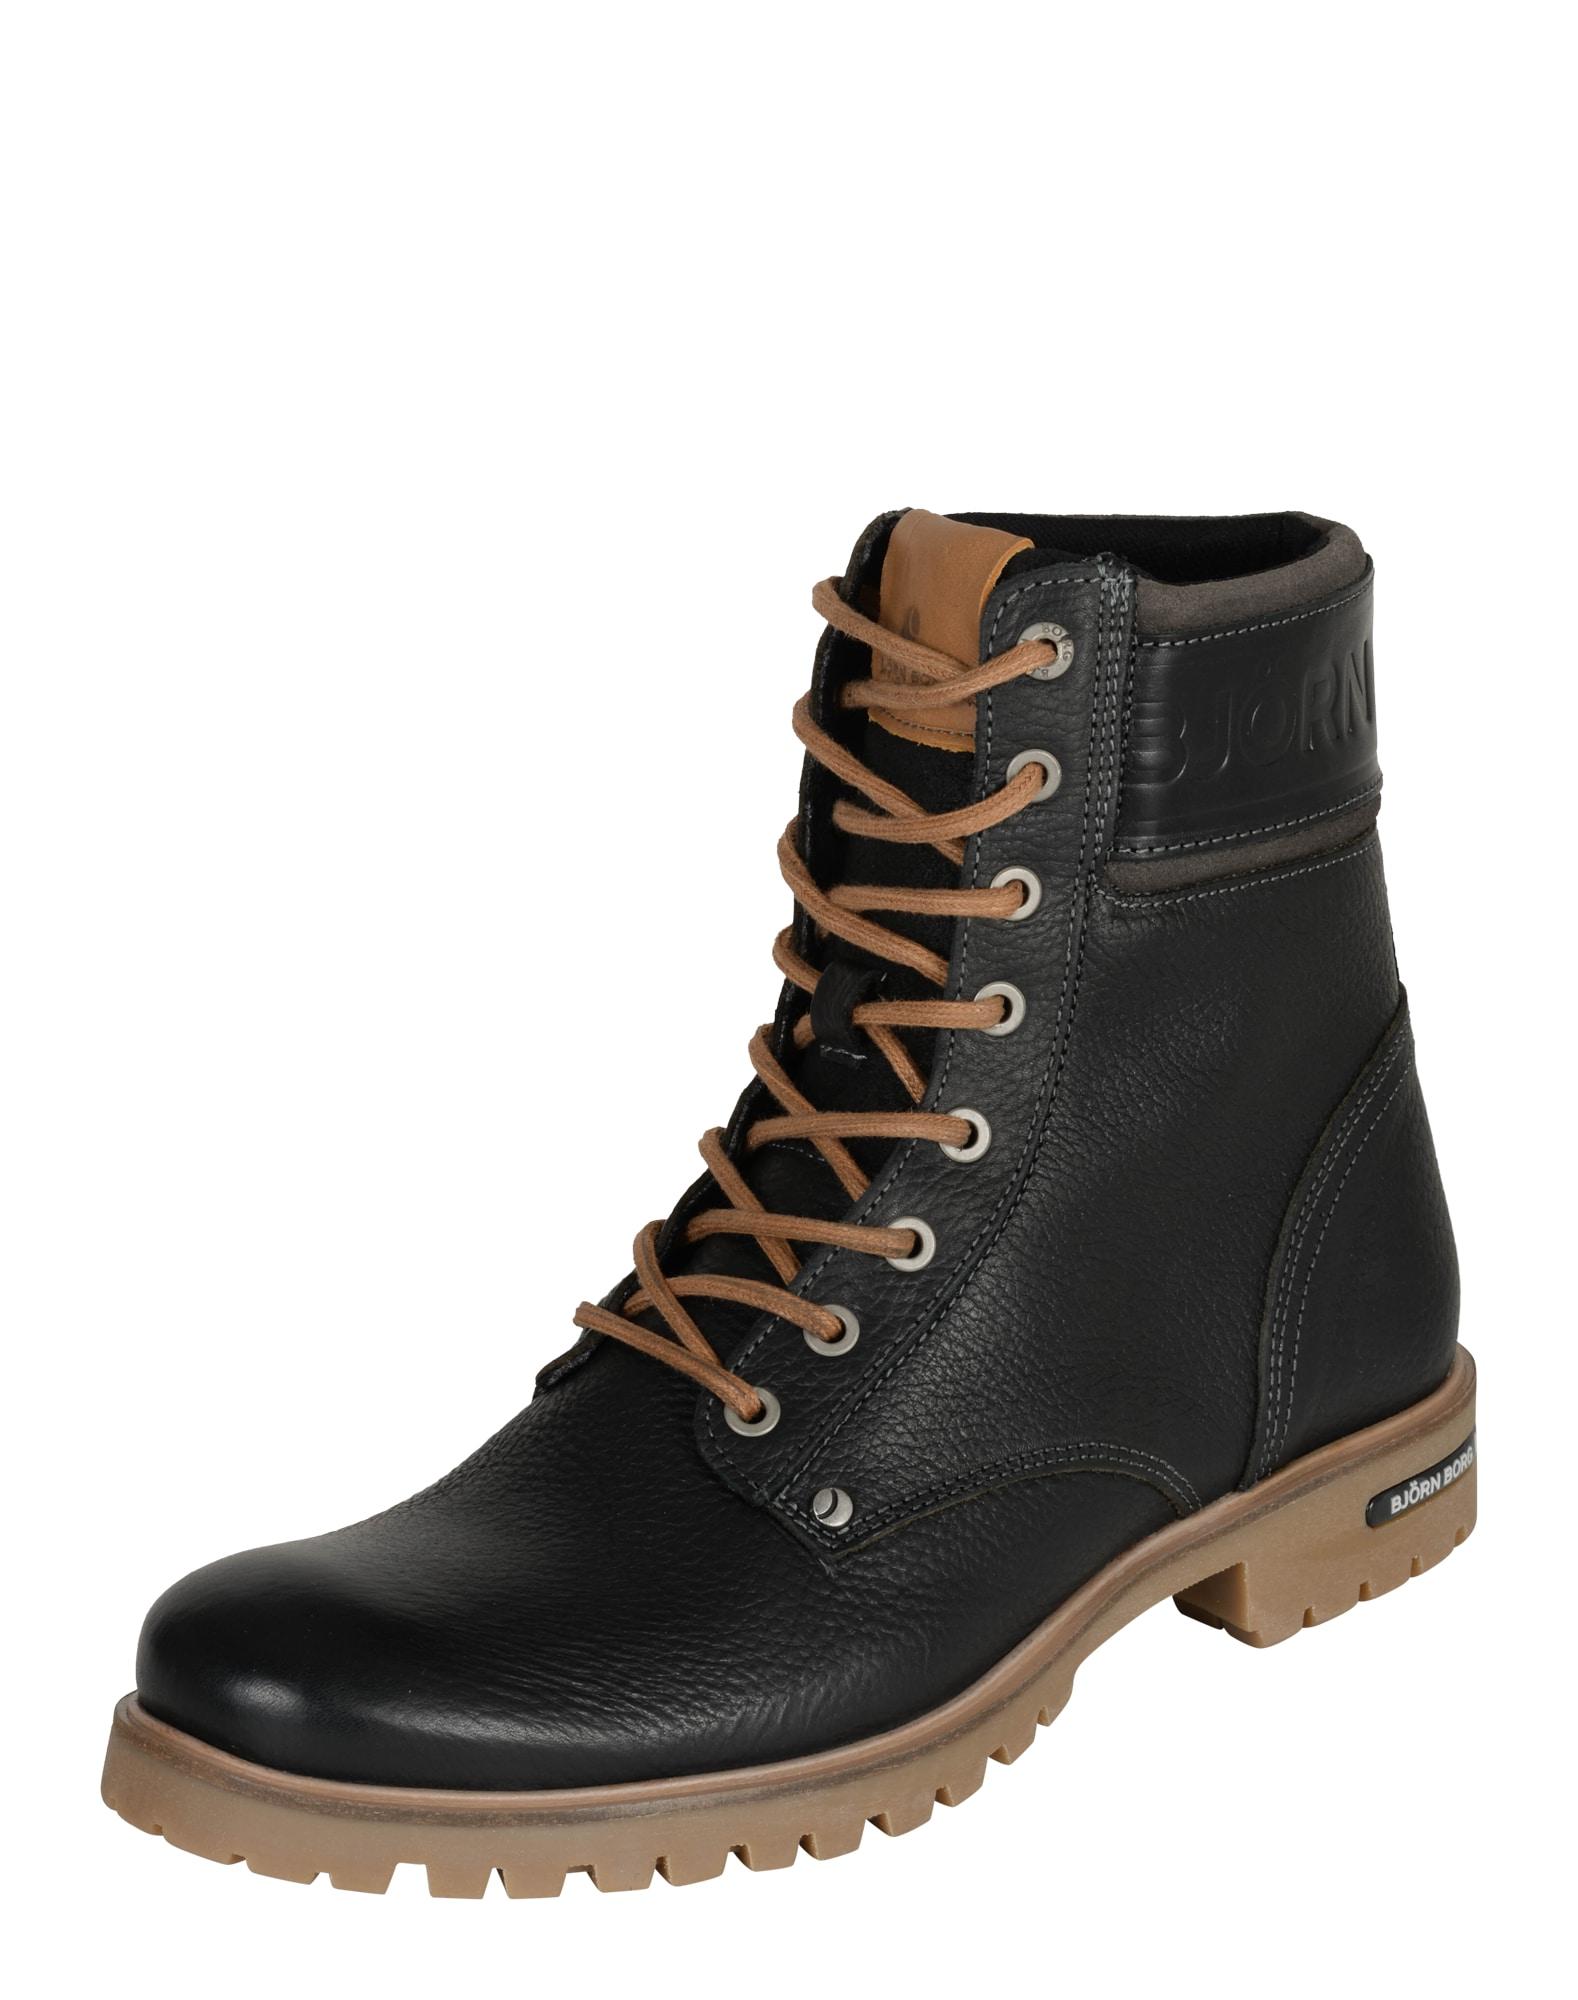 Šněrovací boty Kevin High  černá BJÖRN BORG